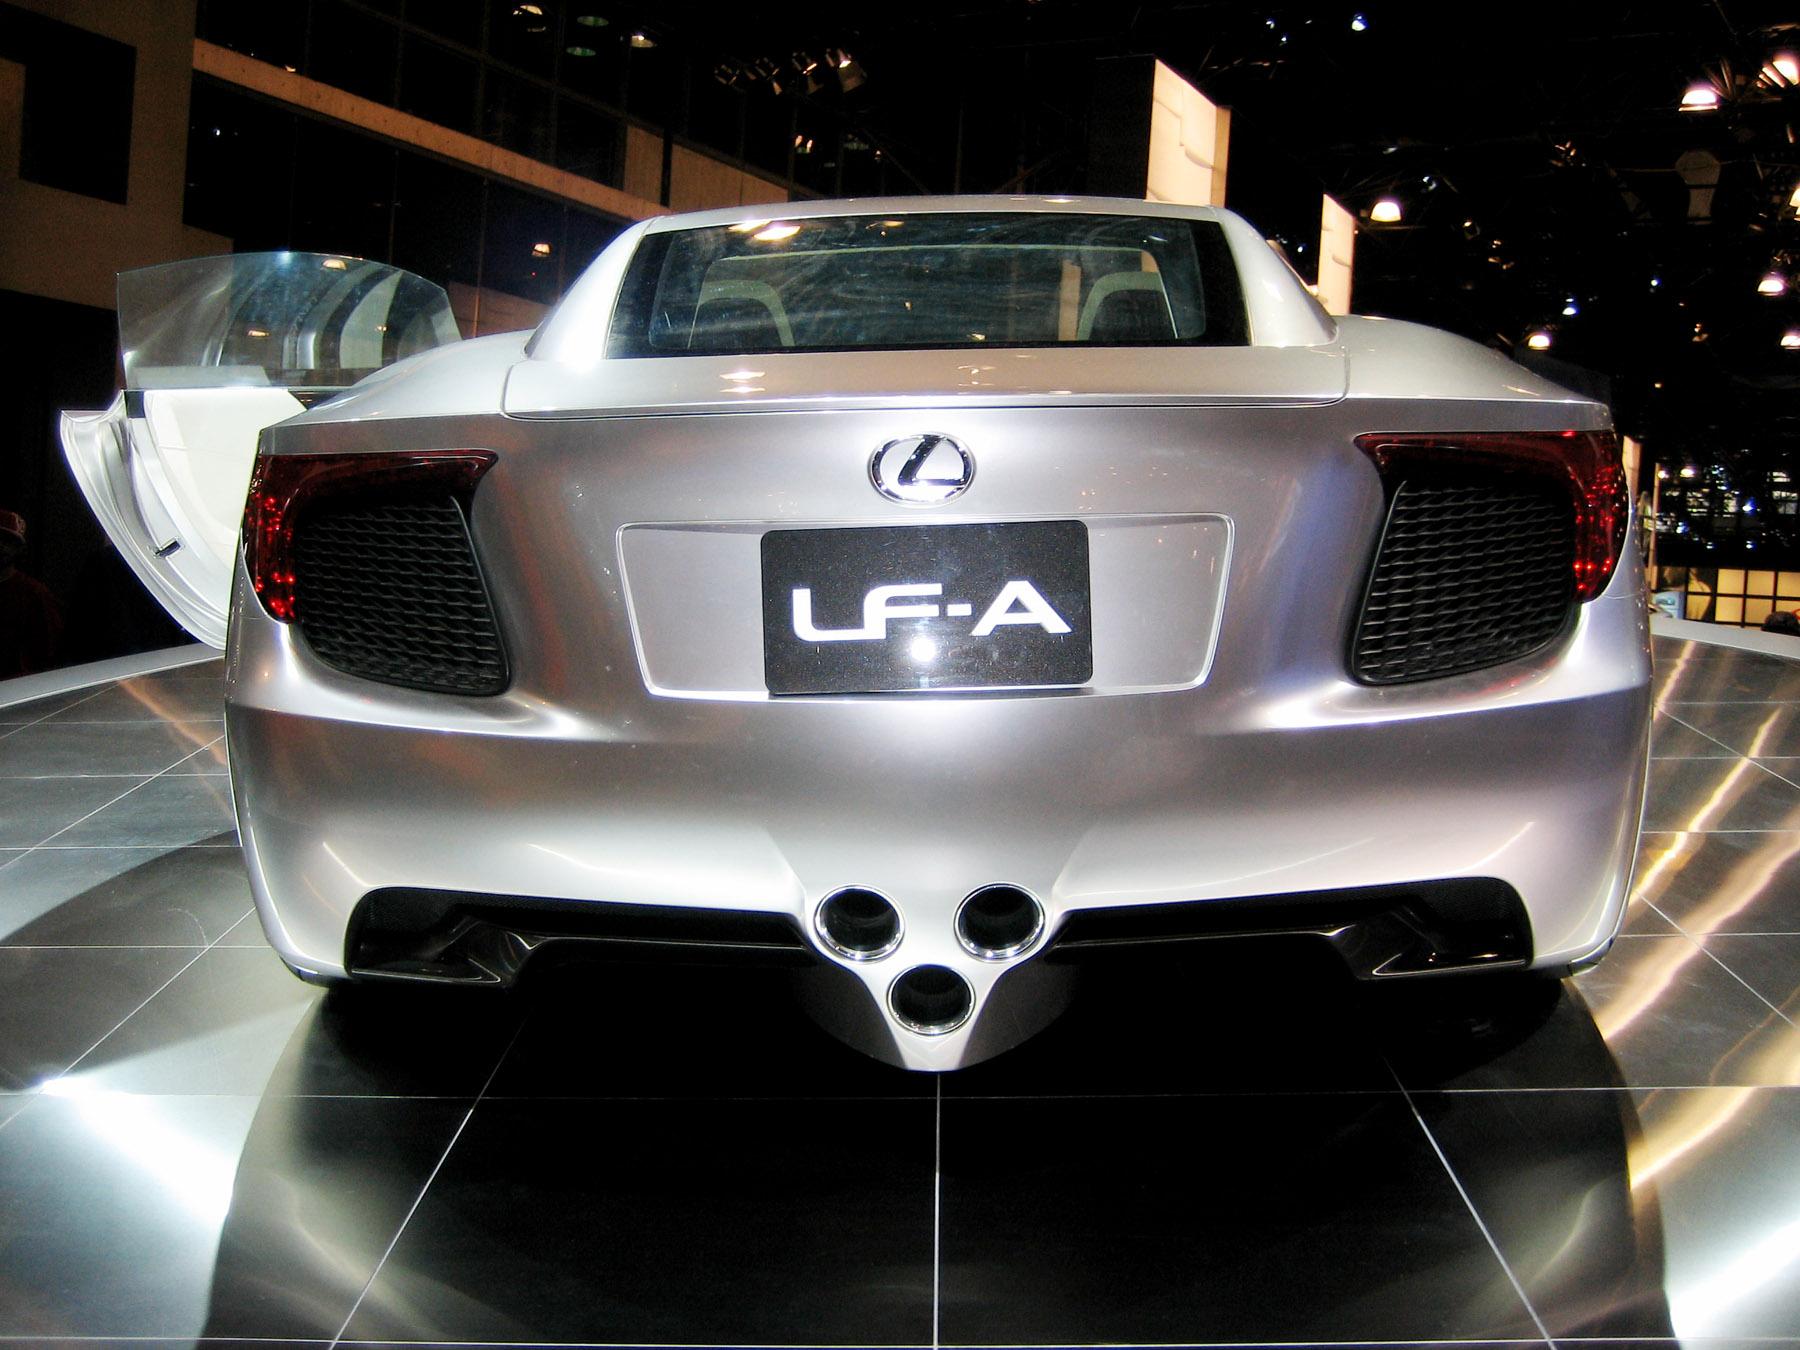 http://www.skyroadster.com/forums/attachments/f2/30302d1231819047-370-convertable-lexus-lfa-roadster-concept-auto07_lexuslfarear.jpg